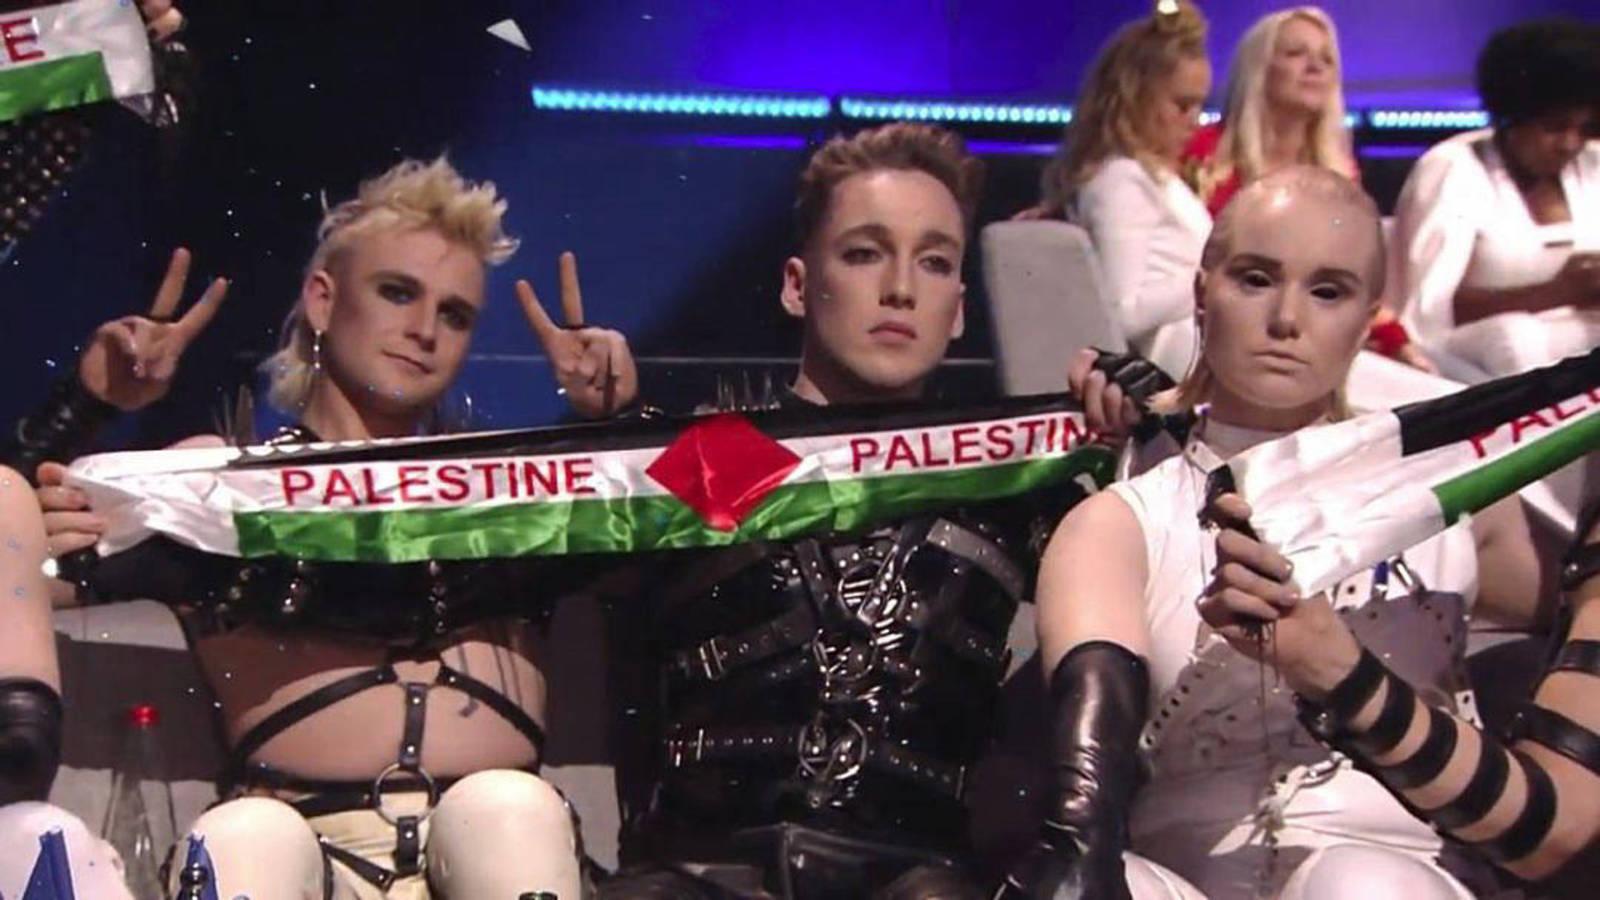 Islandia muestra la bandera de Palestina en Eurovision 2019 1